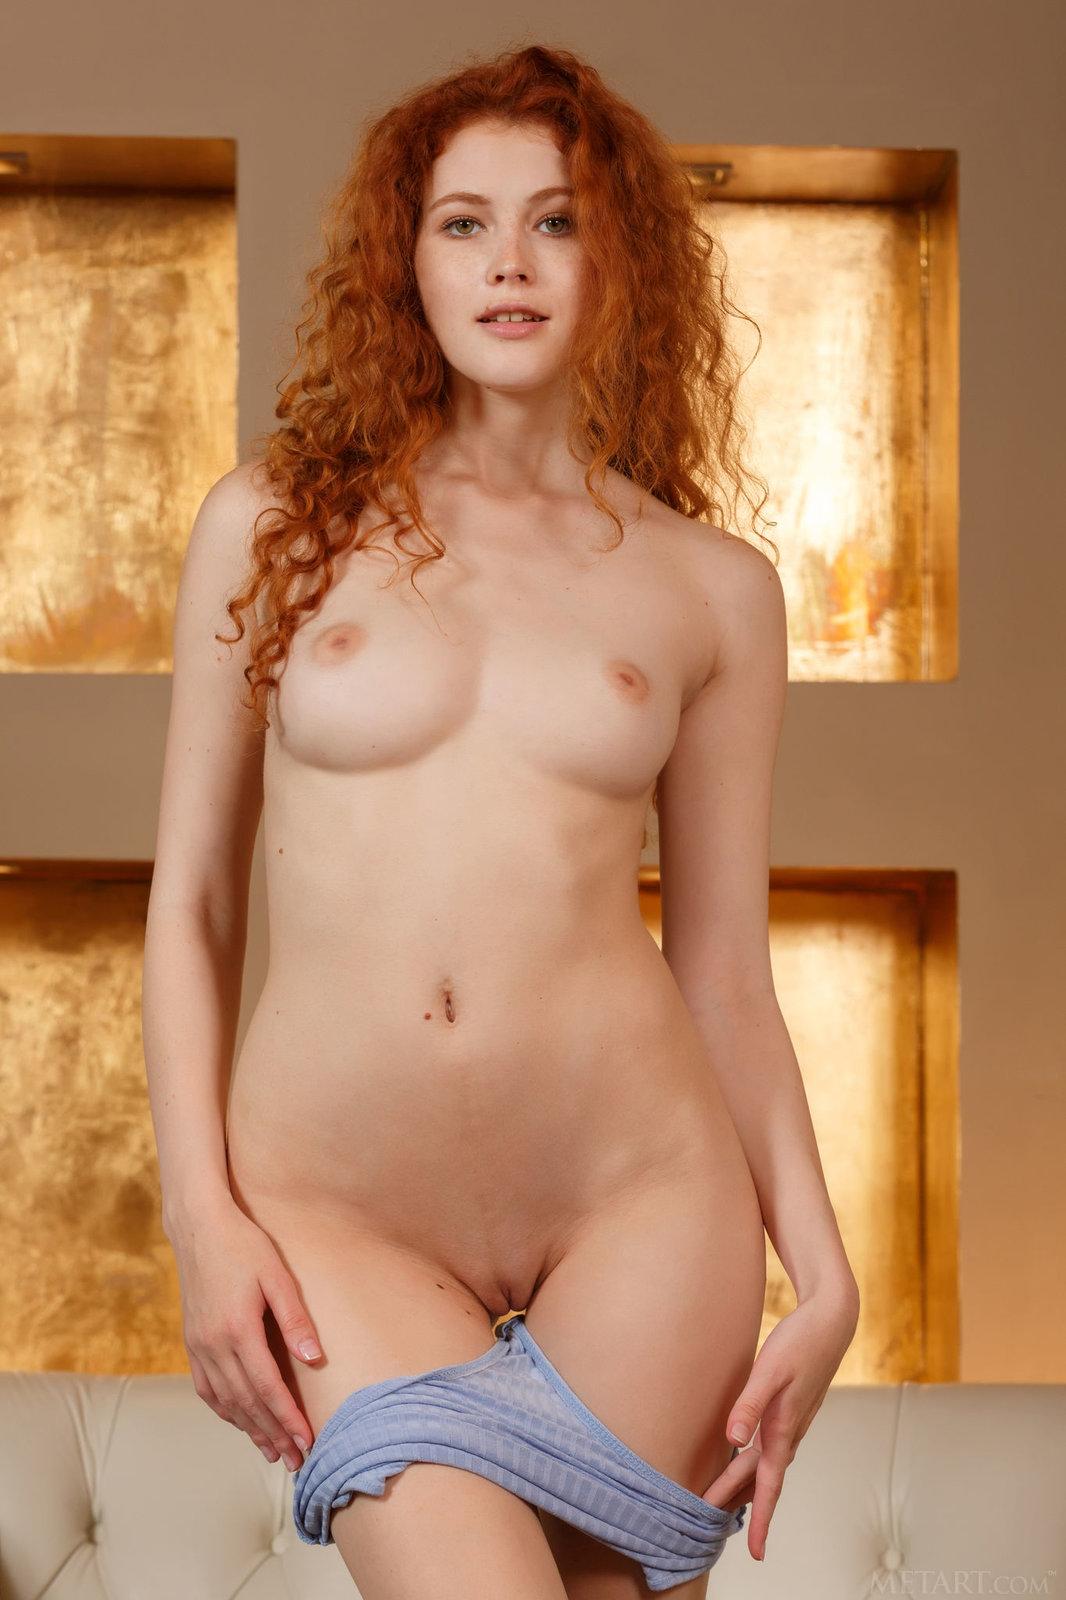 Zdjęcie porno - 067 - Kręcone rude włosy